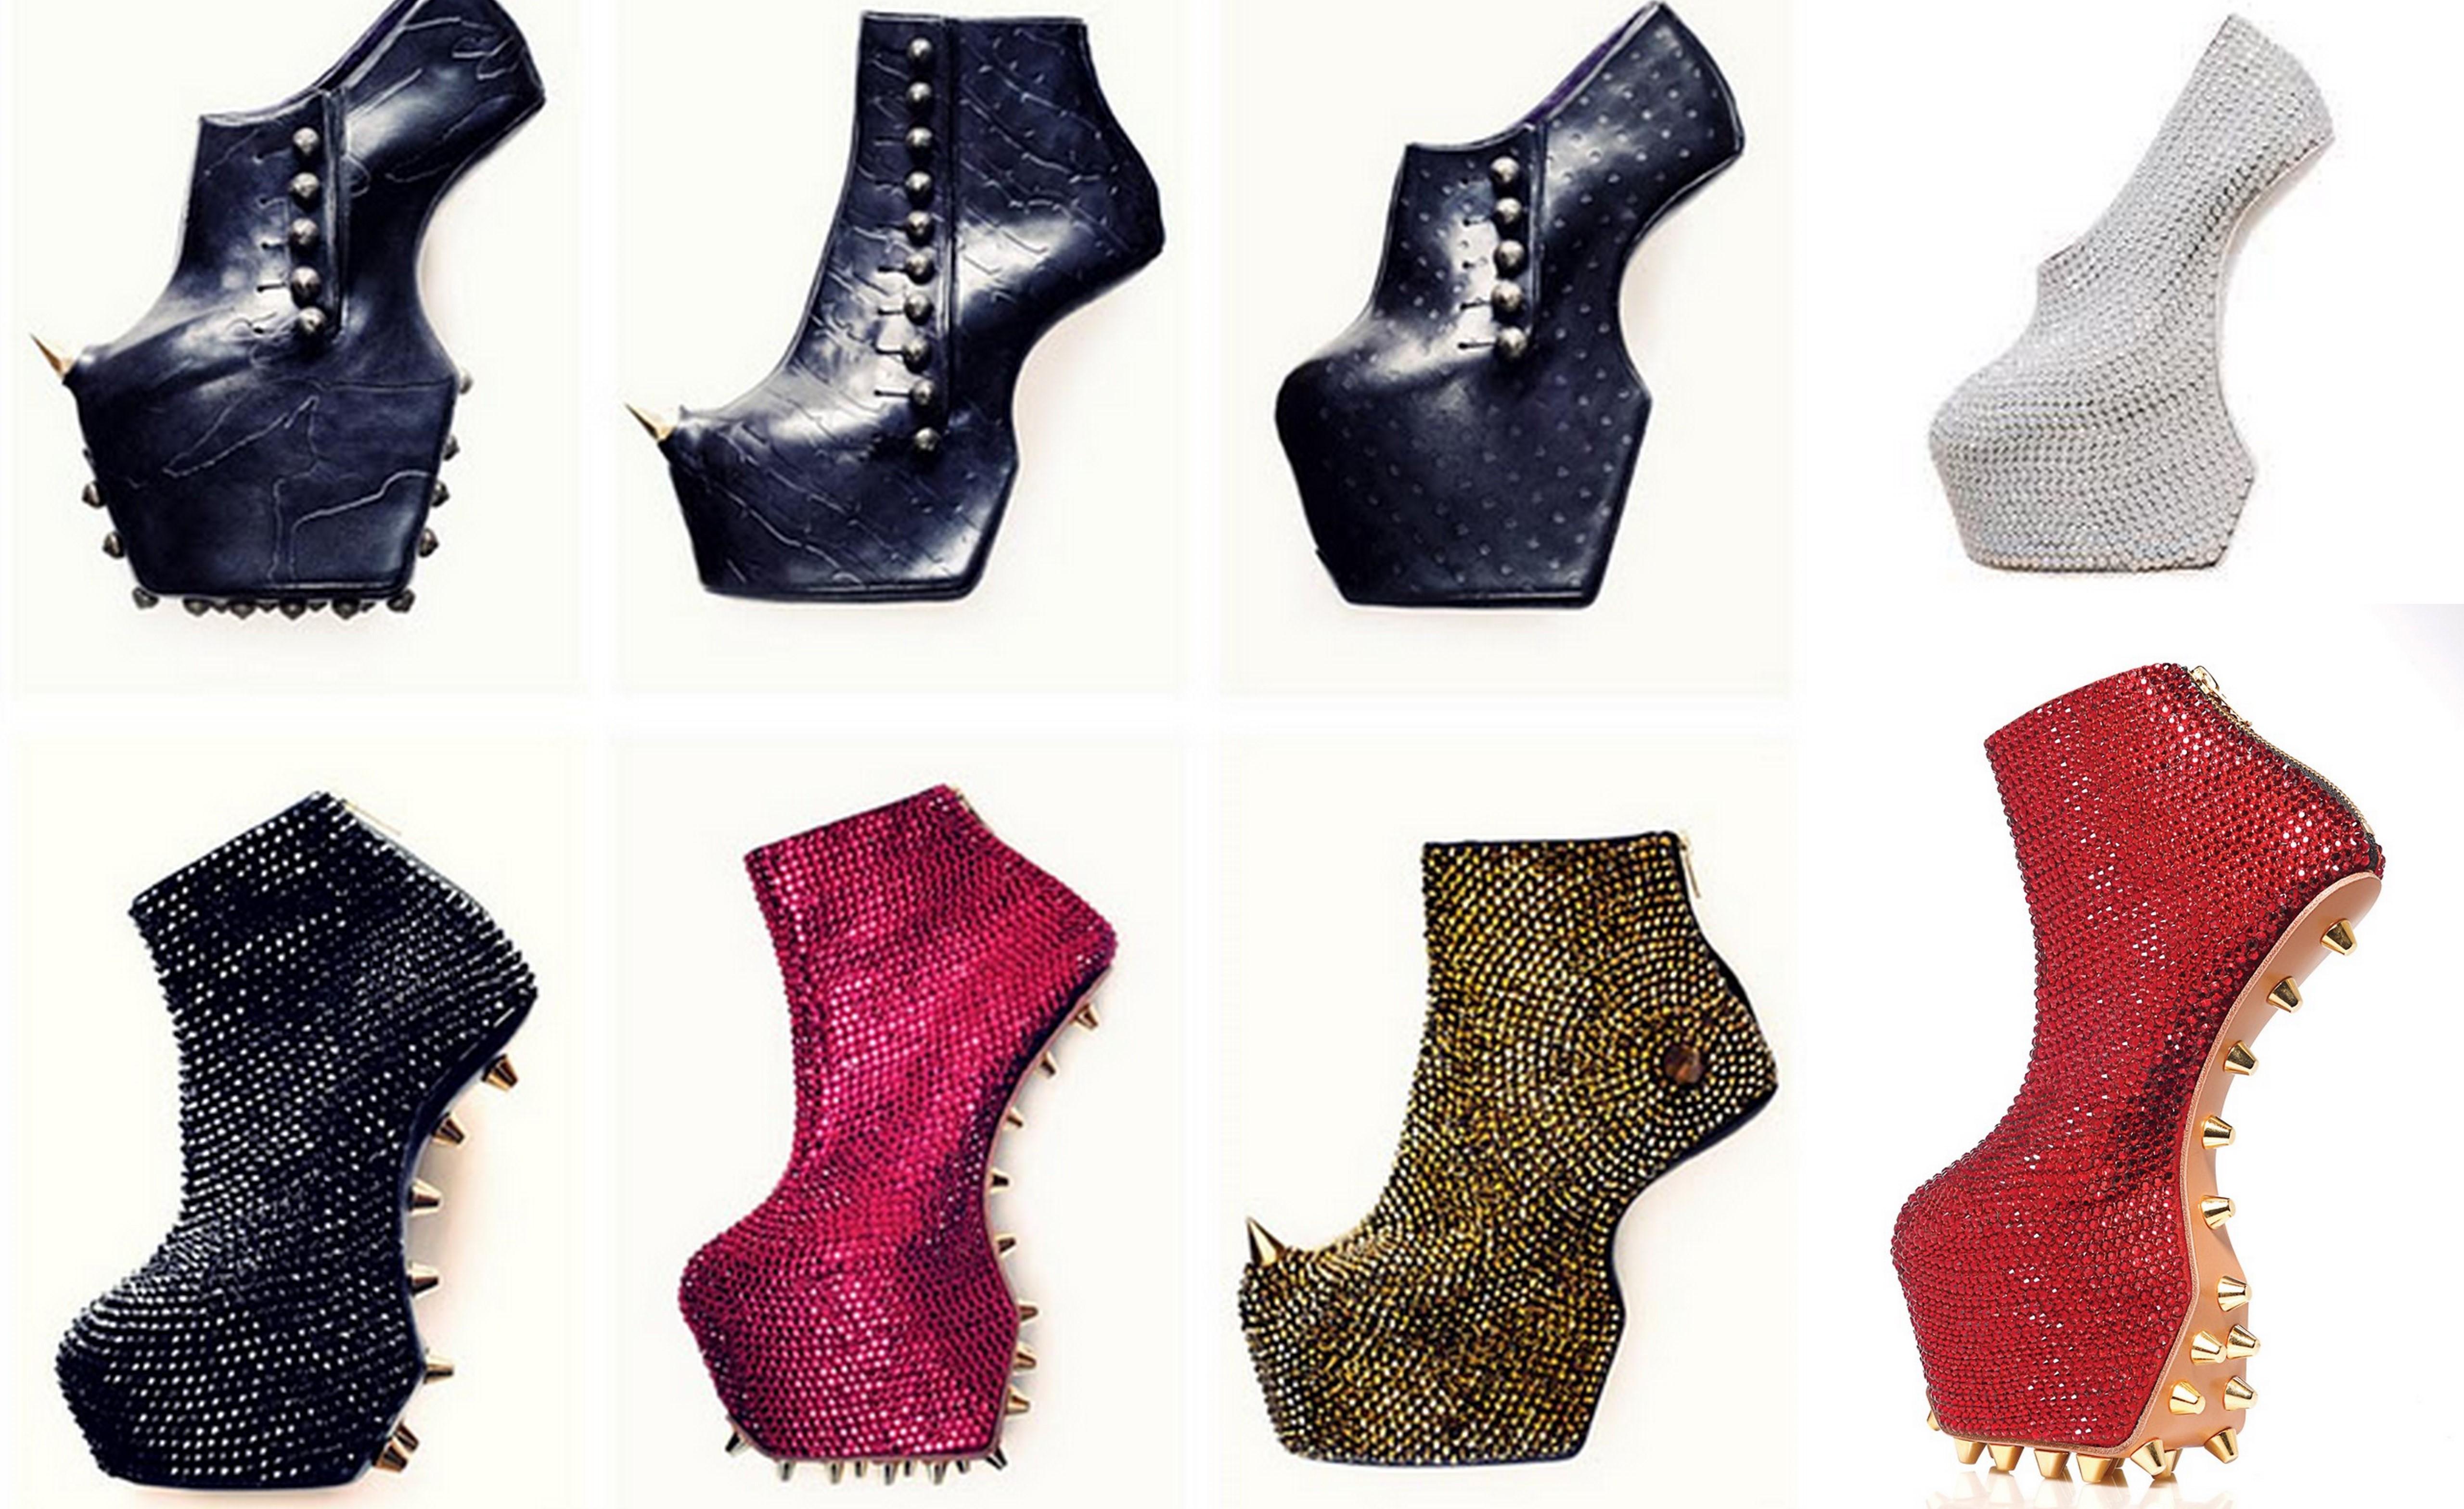 victoria beckham stili dolgu topuklu ayakkabılar